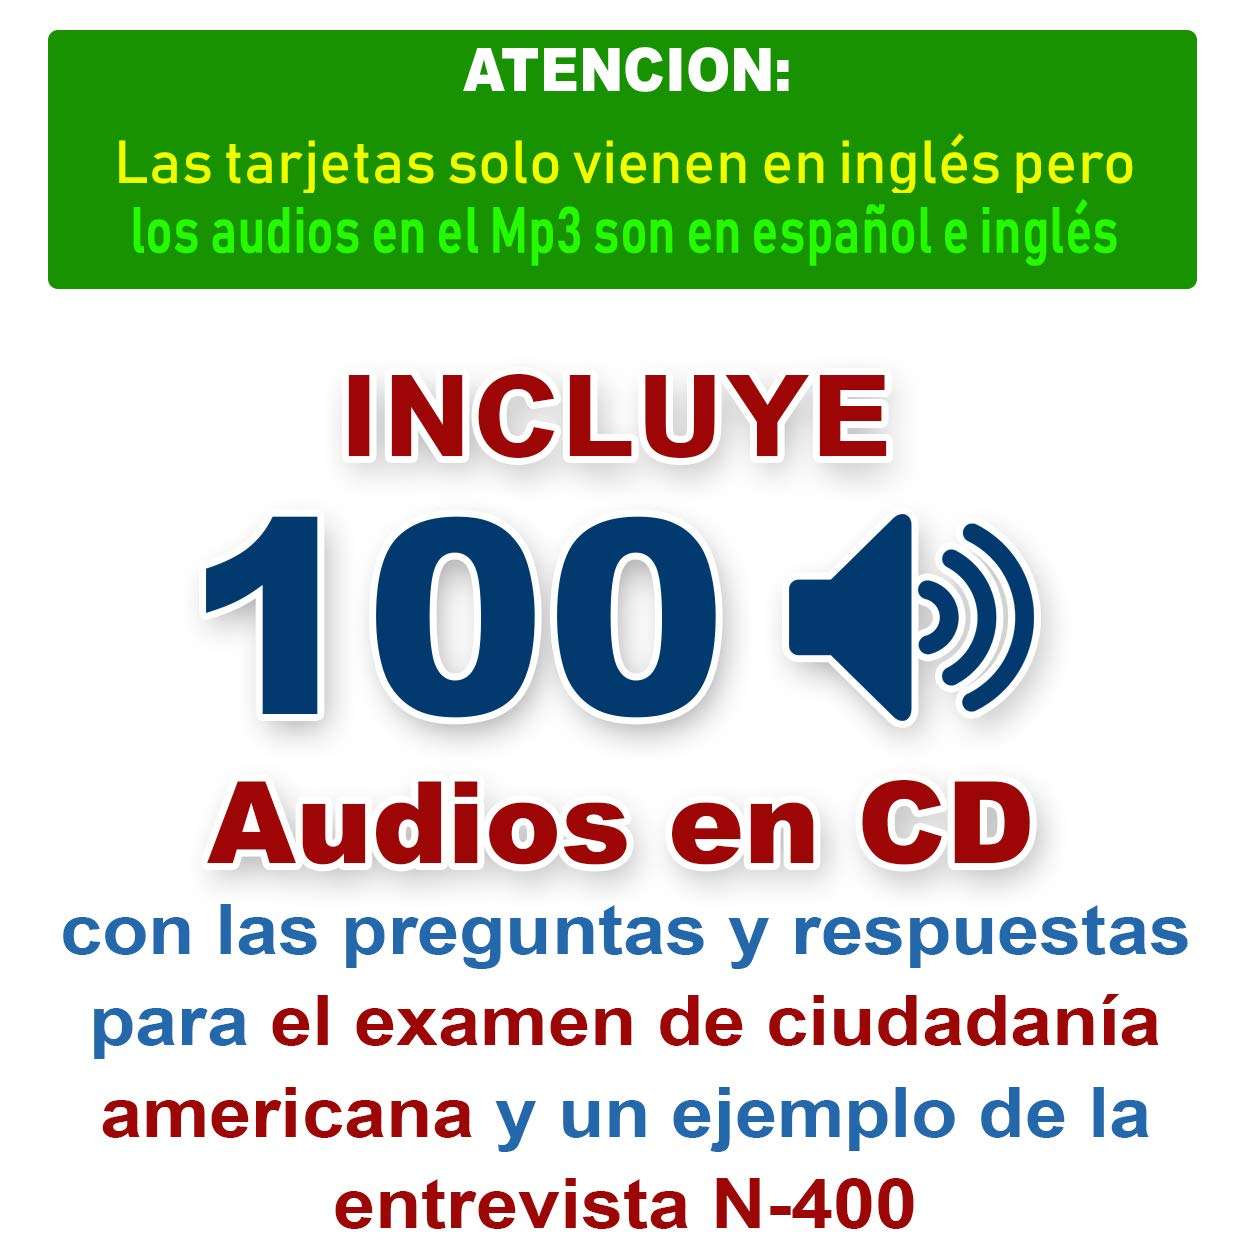 Curso de INGLES MP3 con curso de CIUDADANIA Americana, Preguntas de la Ciudadania 2019 (Incluye reproductor mp3 + 100 fichas de Ciudadania) by Ingles MP3